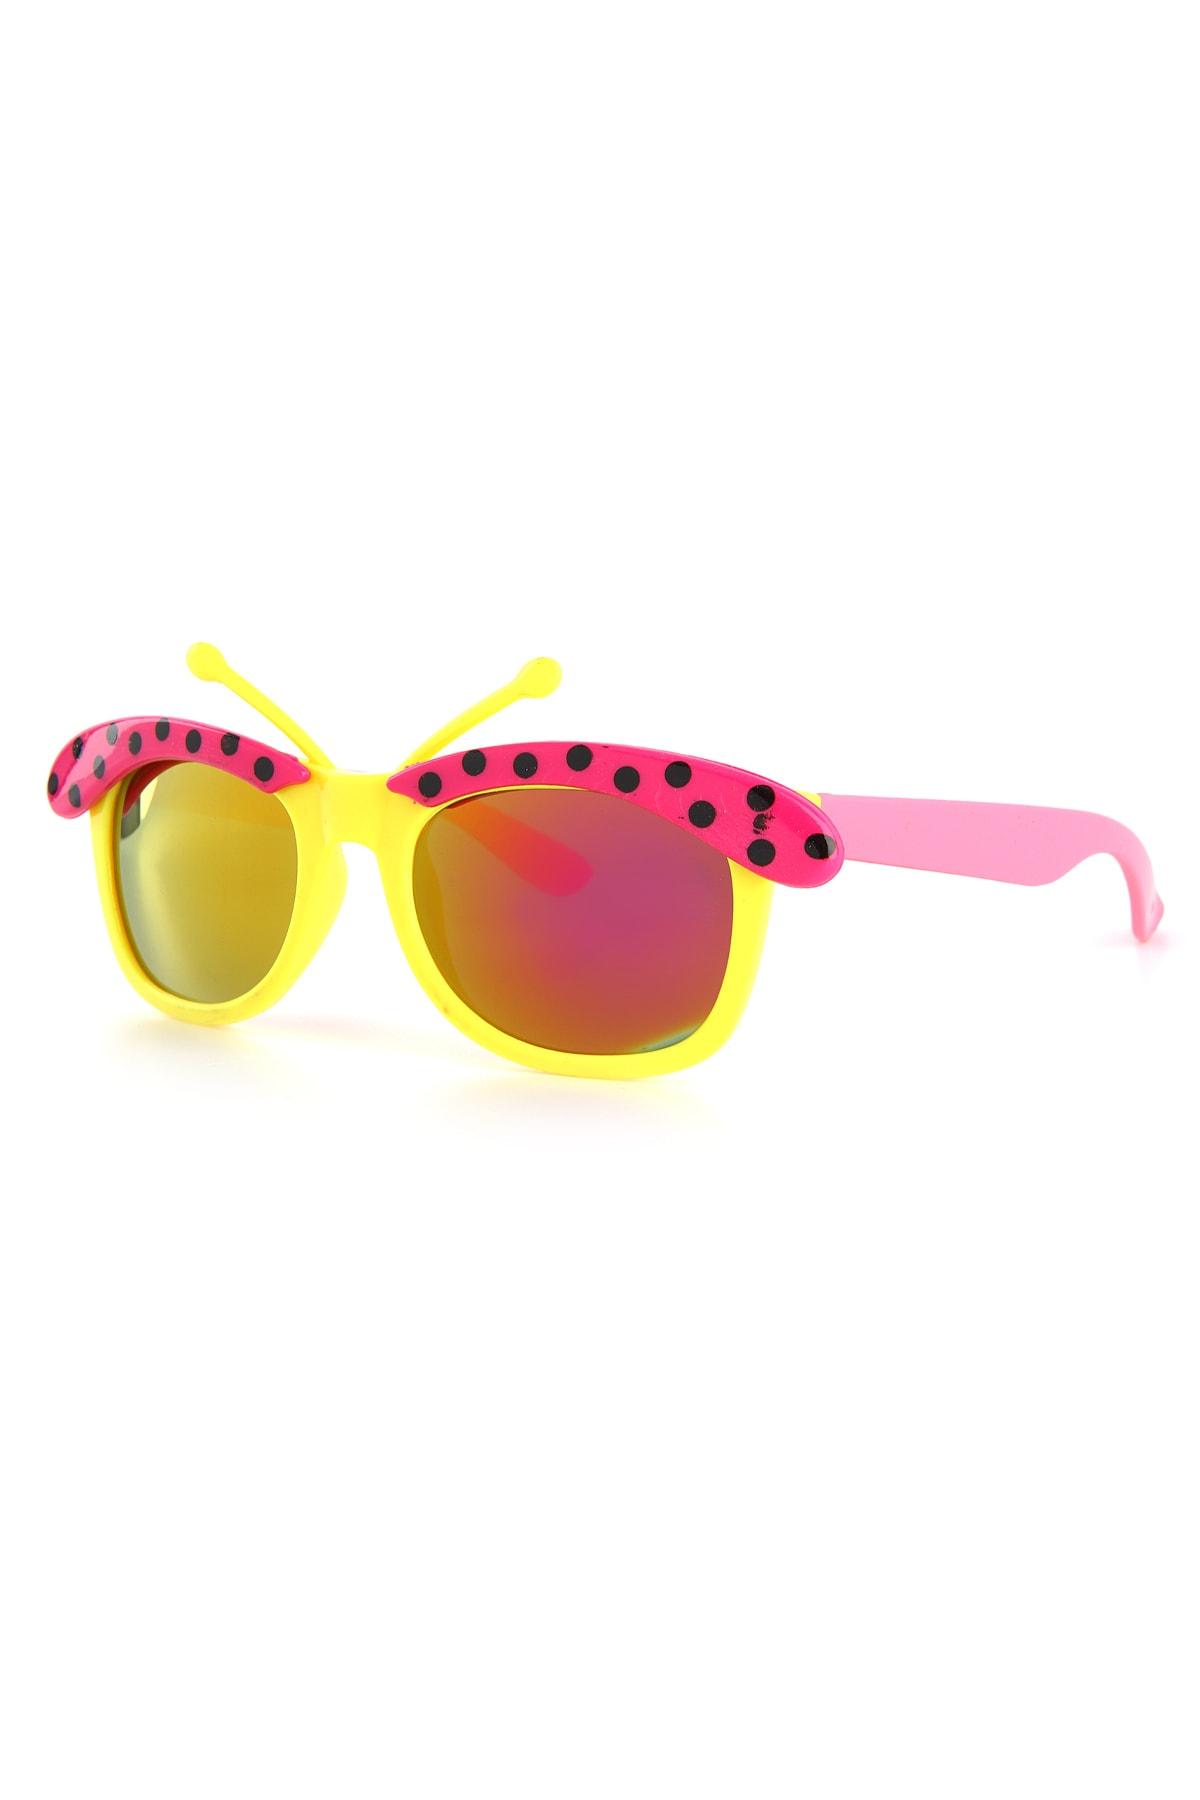 خرید عینک آفتابی دخترانه 2021 برند Aqua Di Polo 1987 رنگ زرشکی ty46157962